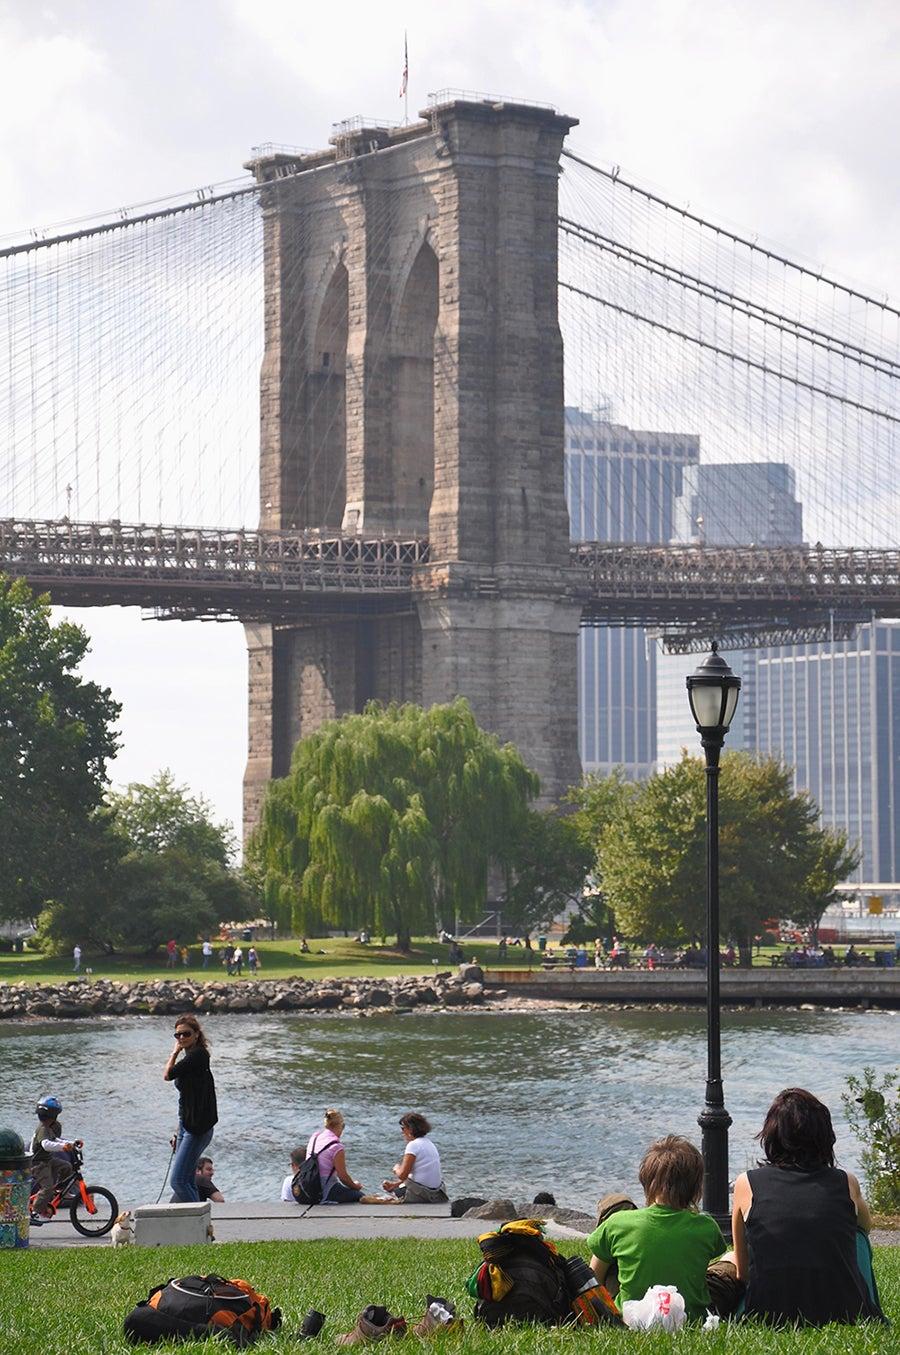 SOURCE: BROOKLYN BRIDGE, NYC 2019. IDBSOURCE: BROOKLYN BRIDGE, NYC 2019. IDBSOURCE: BROOKLYN BRIDGE, NYC 2019. IDBSOURCE: BROOKLYN BRIDGE, NYC 2019. IDBFuente: BROOKLYN BRIDGE, NYC 2019. BID